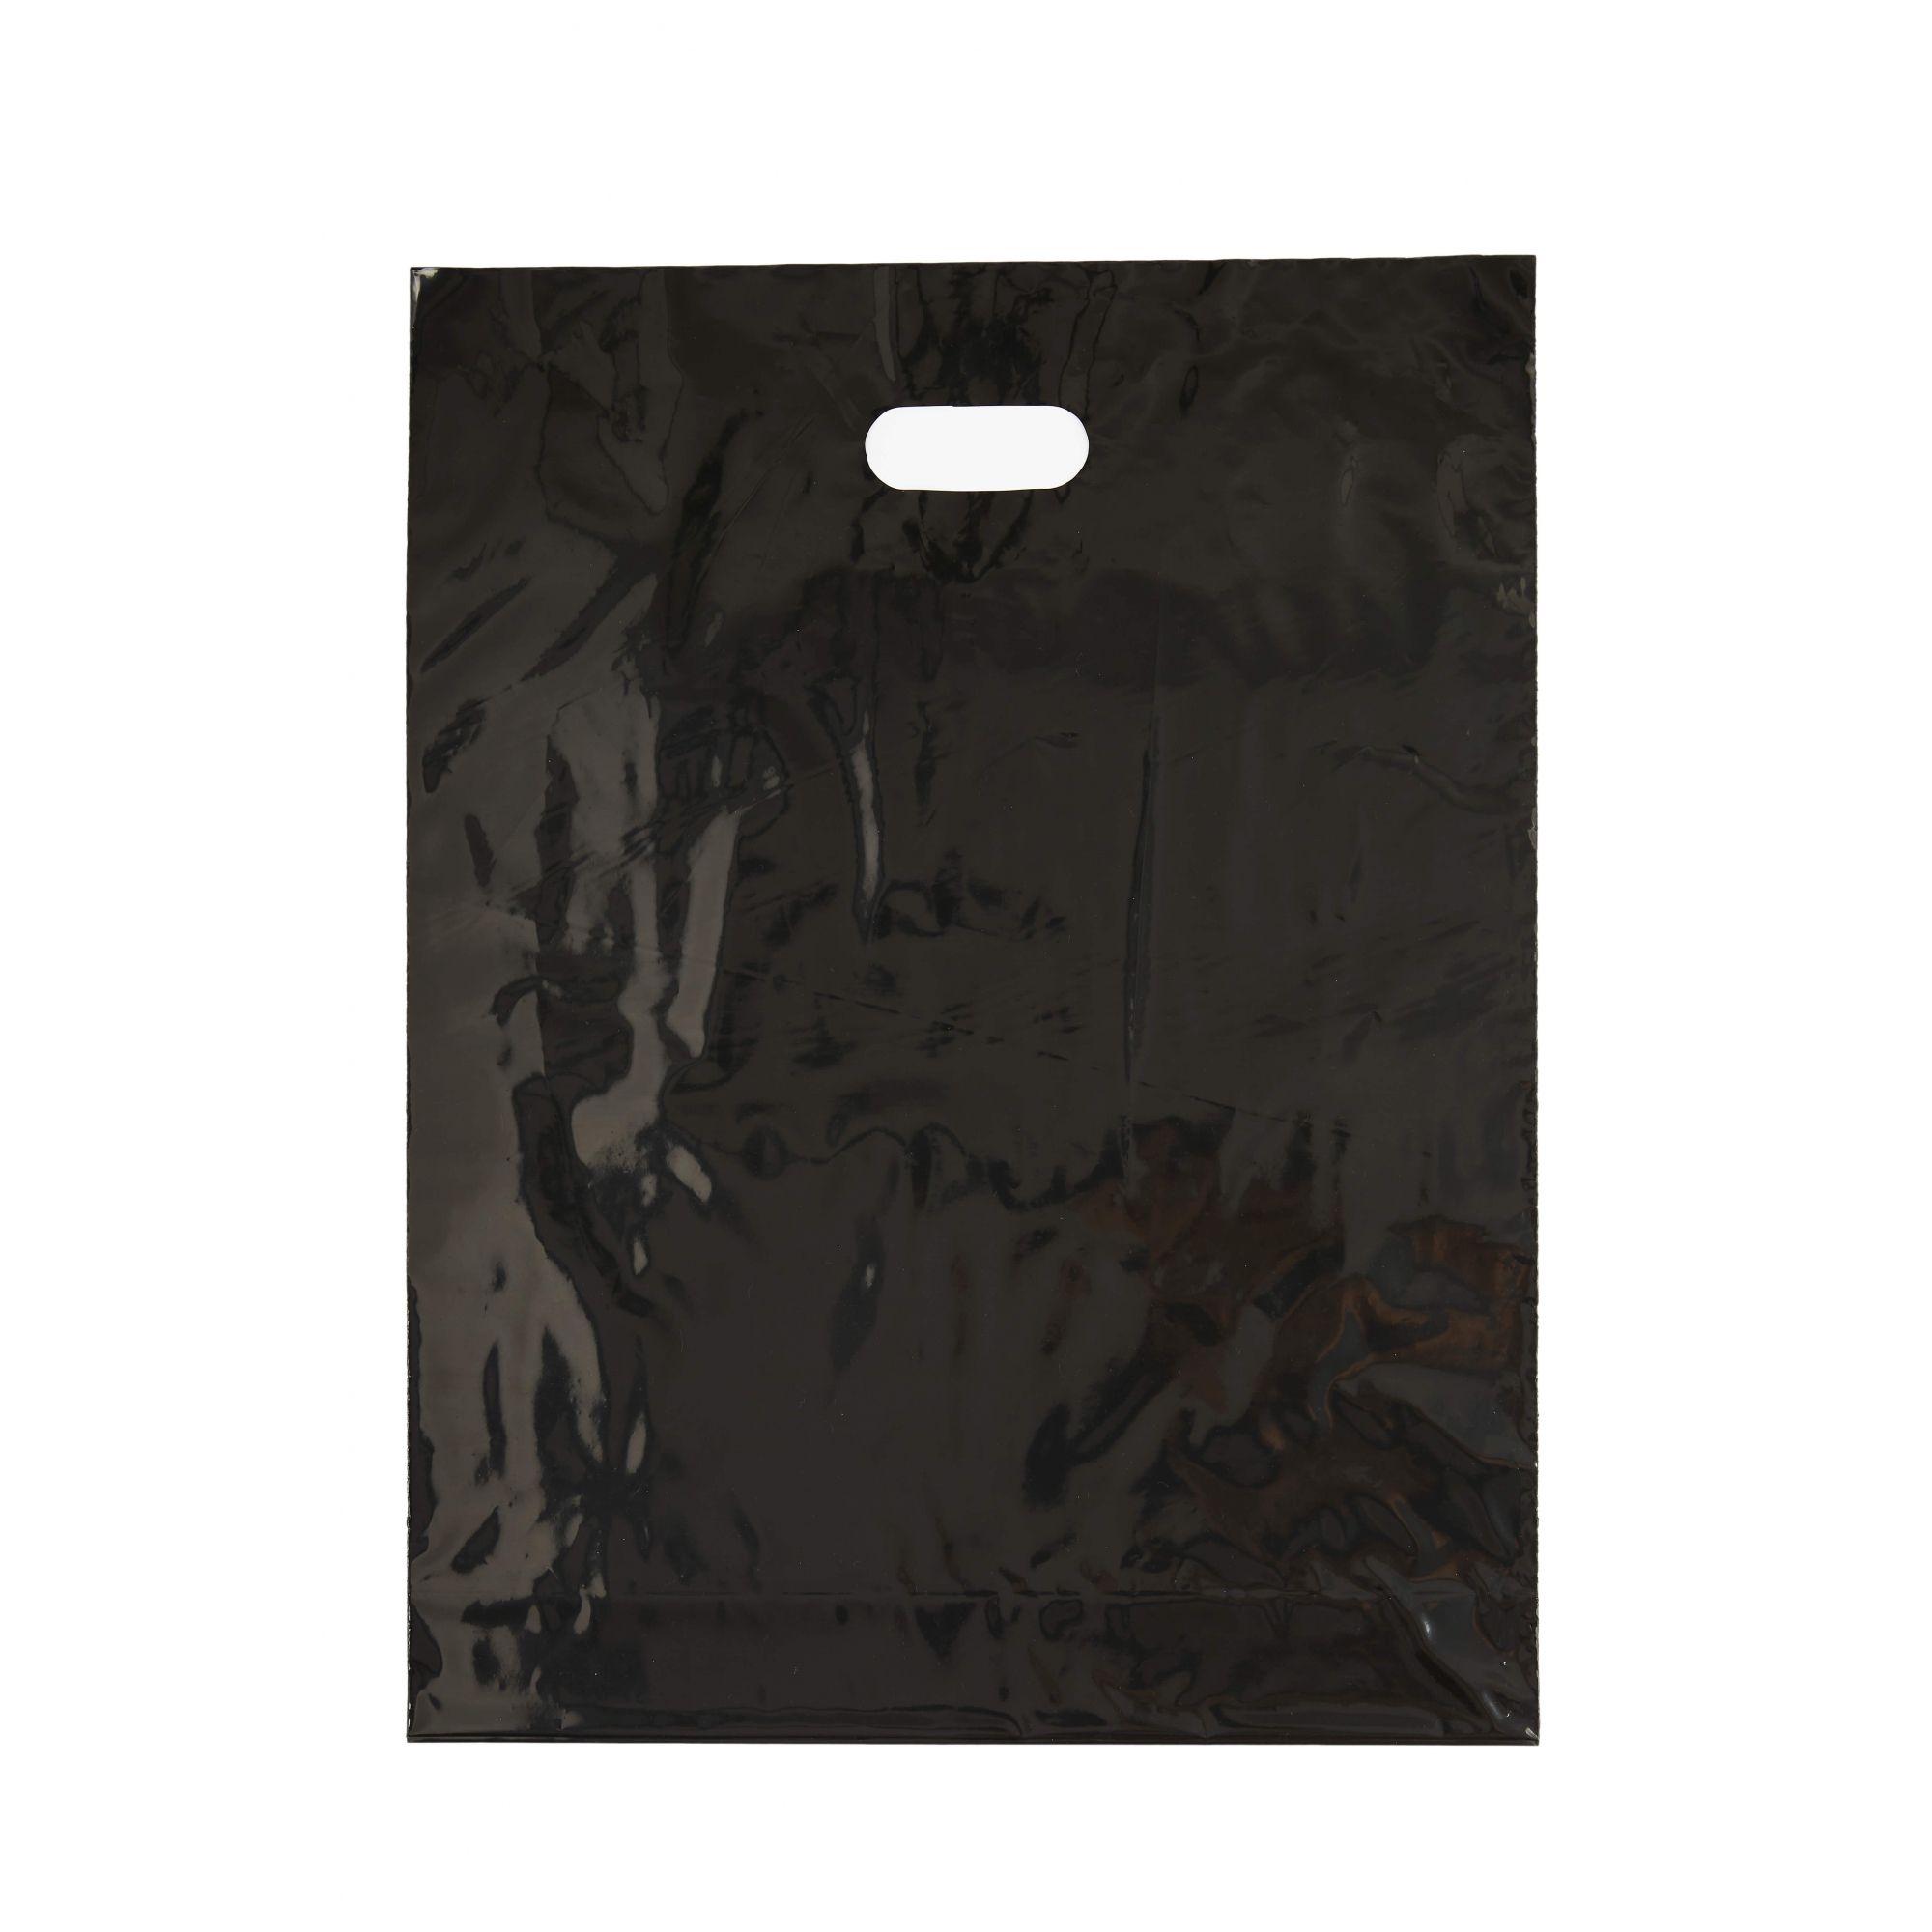 Sacola Plástica 40x56 Preta Com Brilho - Alça Boca de Palhaço